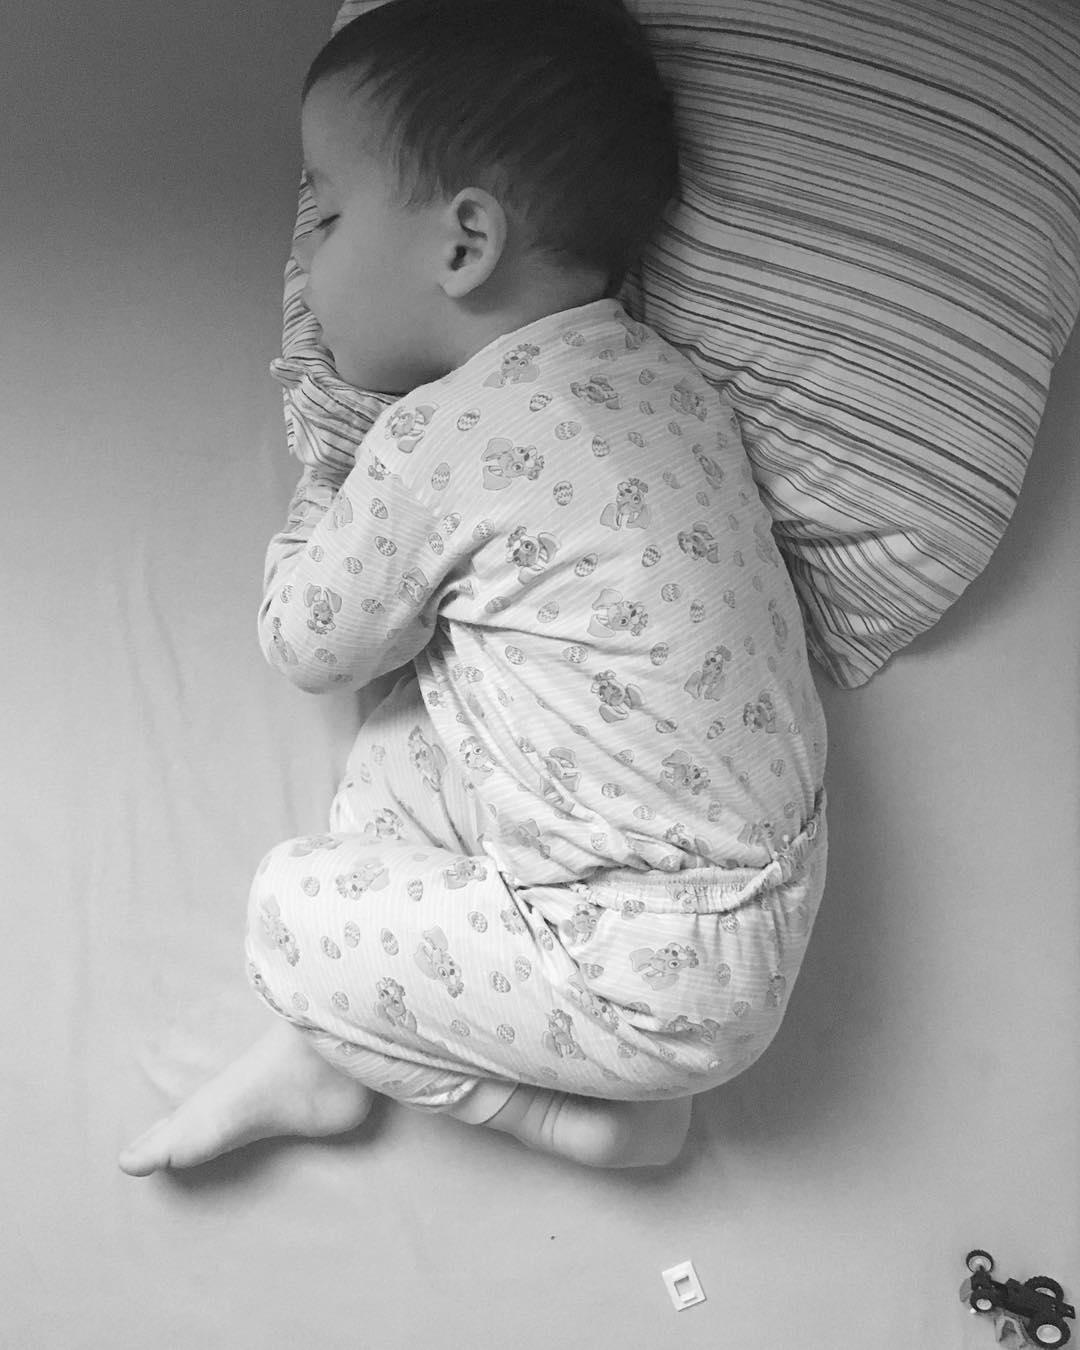 Neki skorotrogodinjaci zauvek ostaju bebe Makar spavali u krevetu sahellip